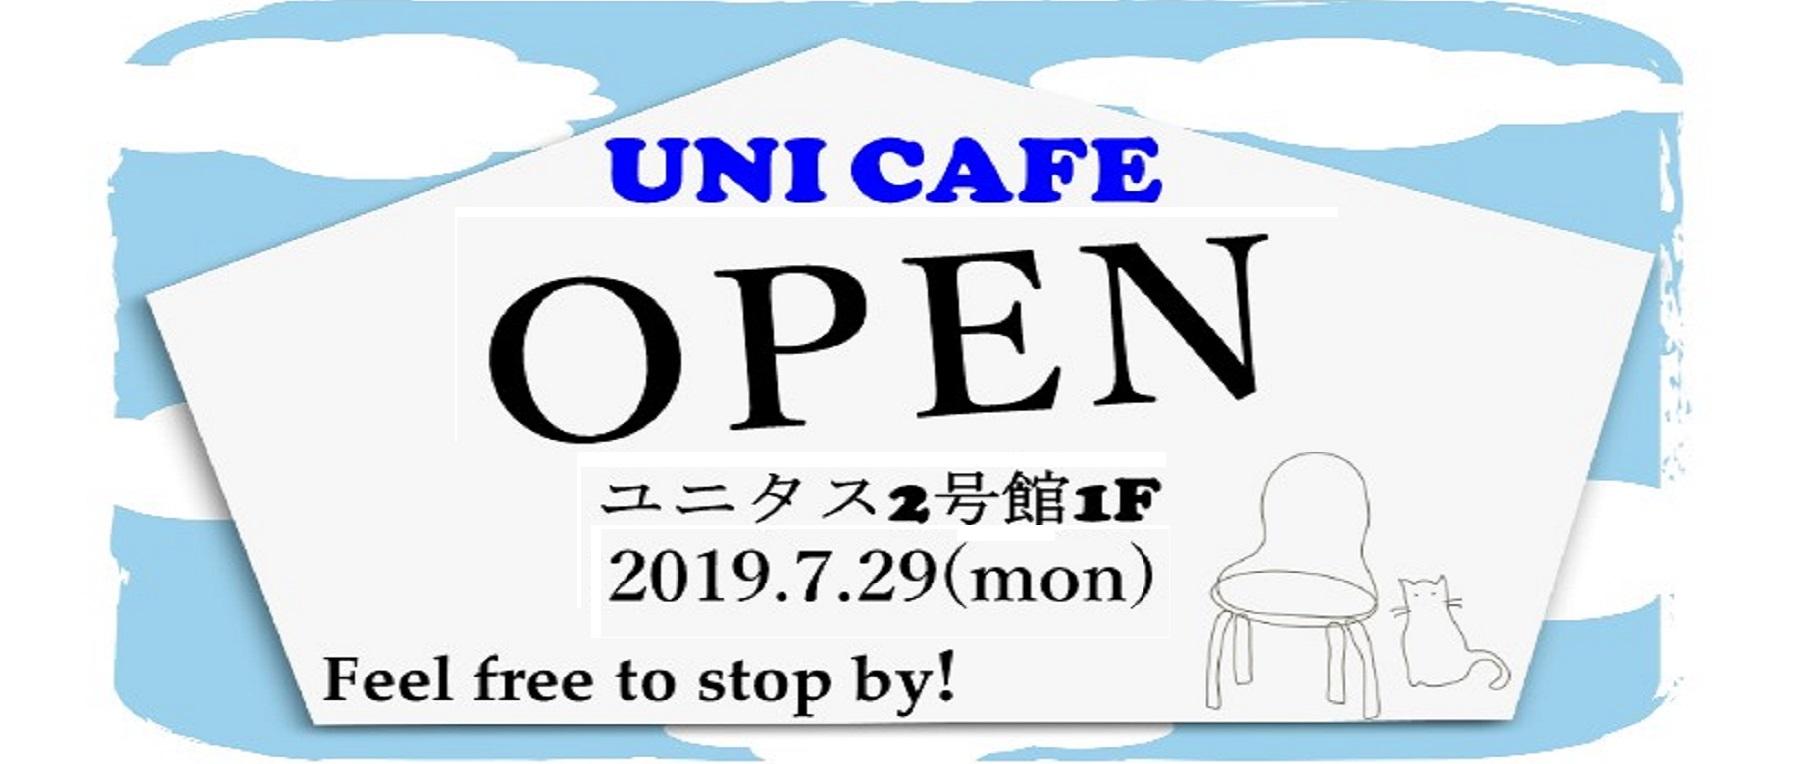 UNI CAFE OPEN!